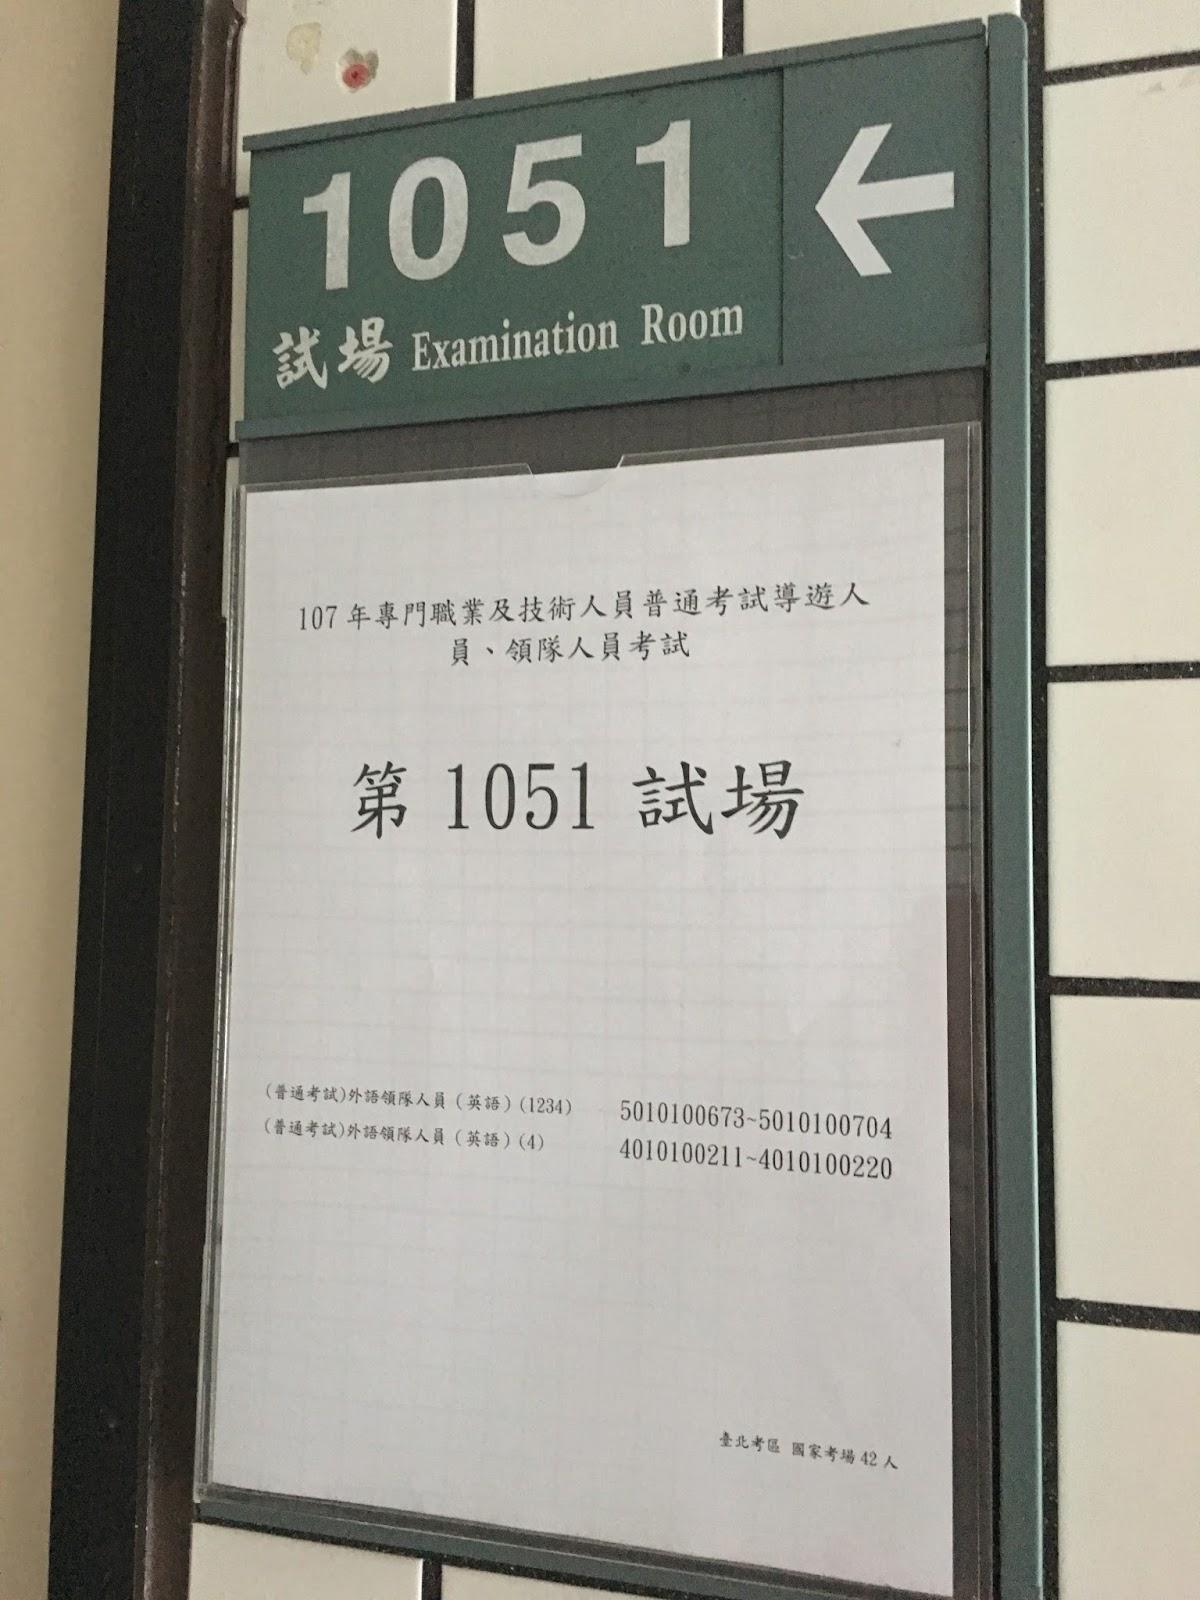 【證照考試】107年外語領隊考試@Miss MI traveler's scribble